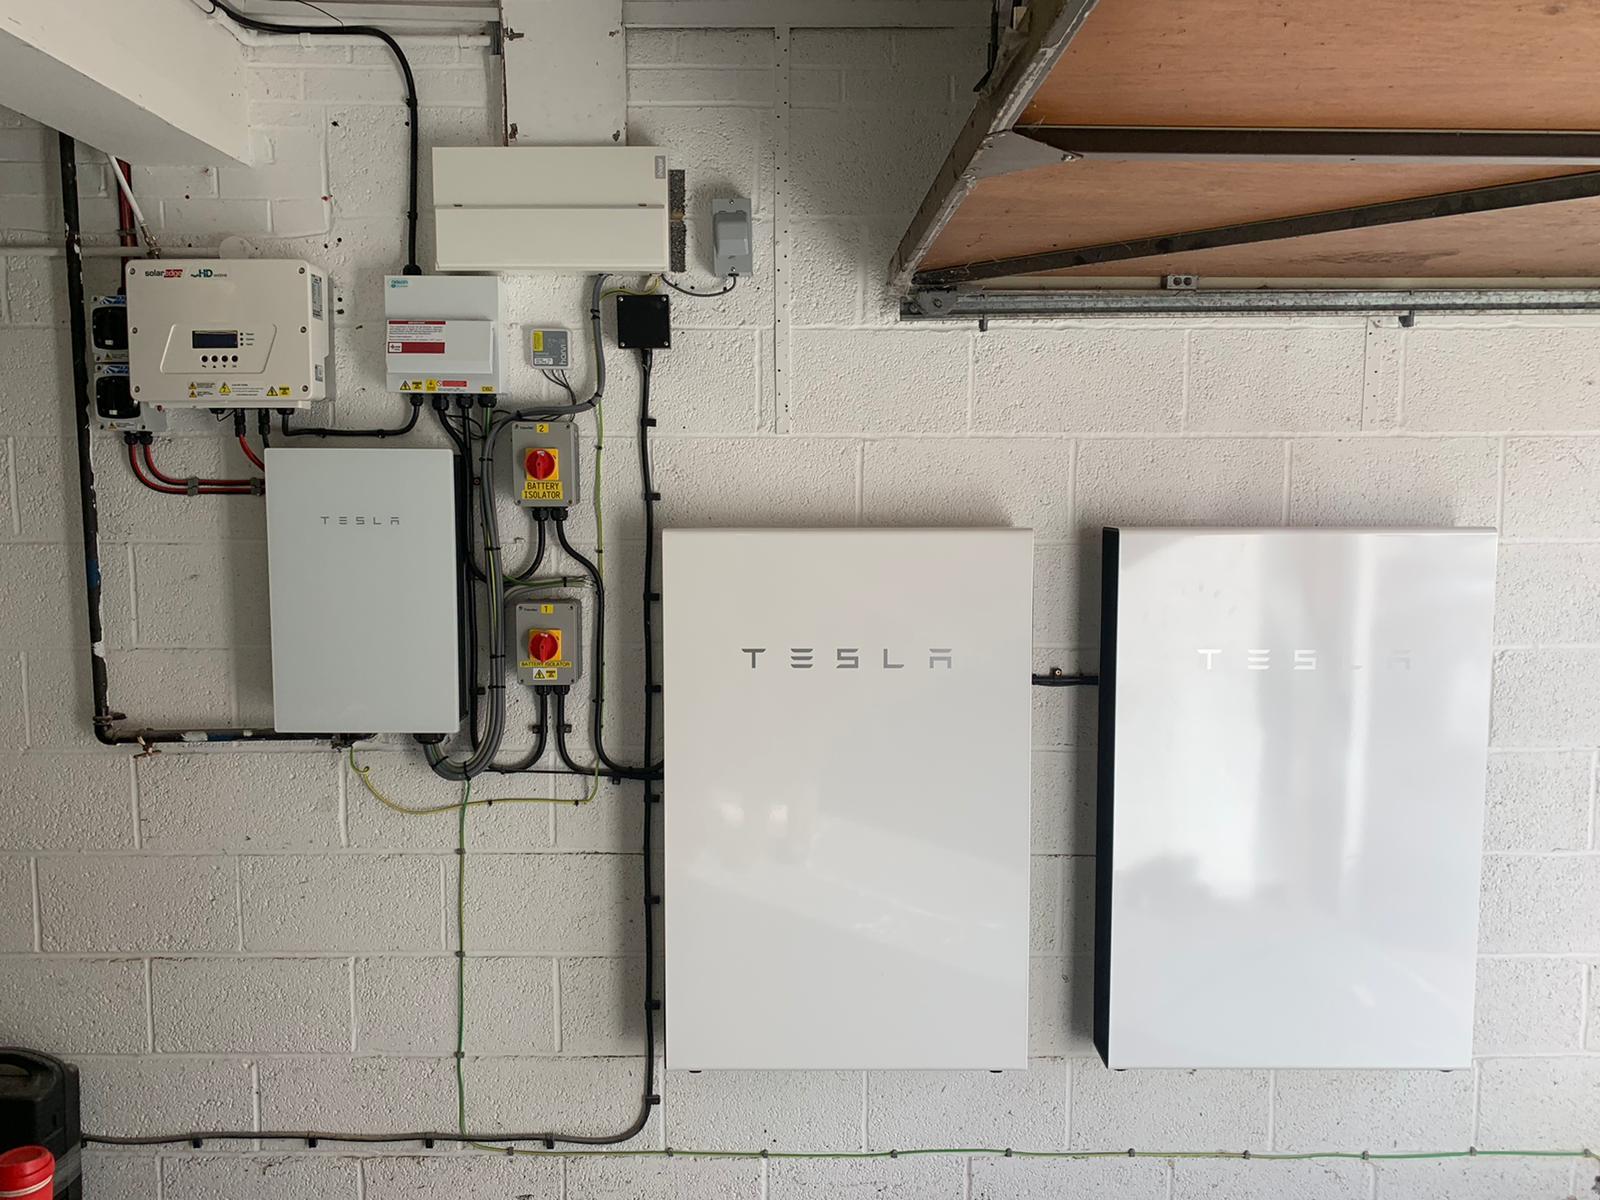 Tonbridge - 2 x Tesla Powerwall 2 (27 kWh) (Oct '19)